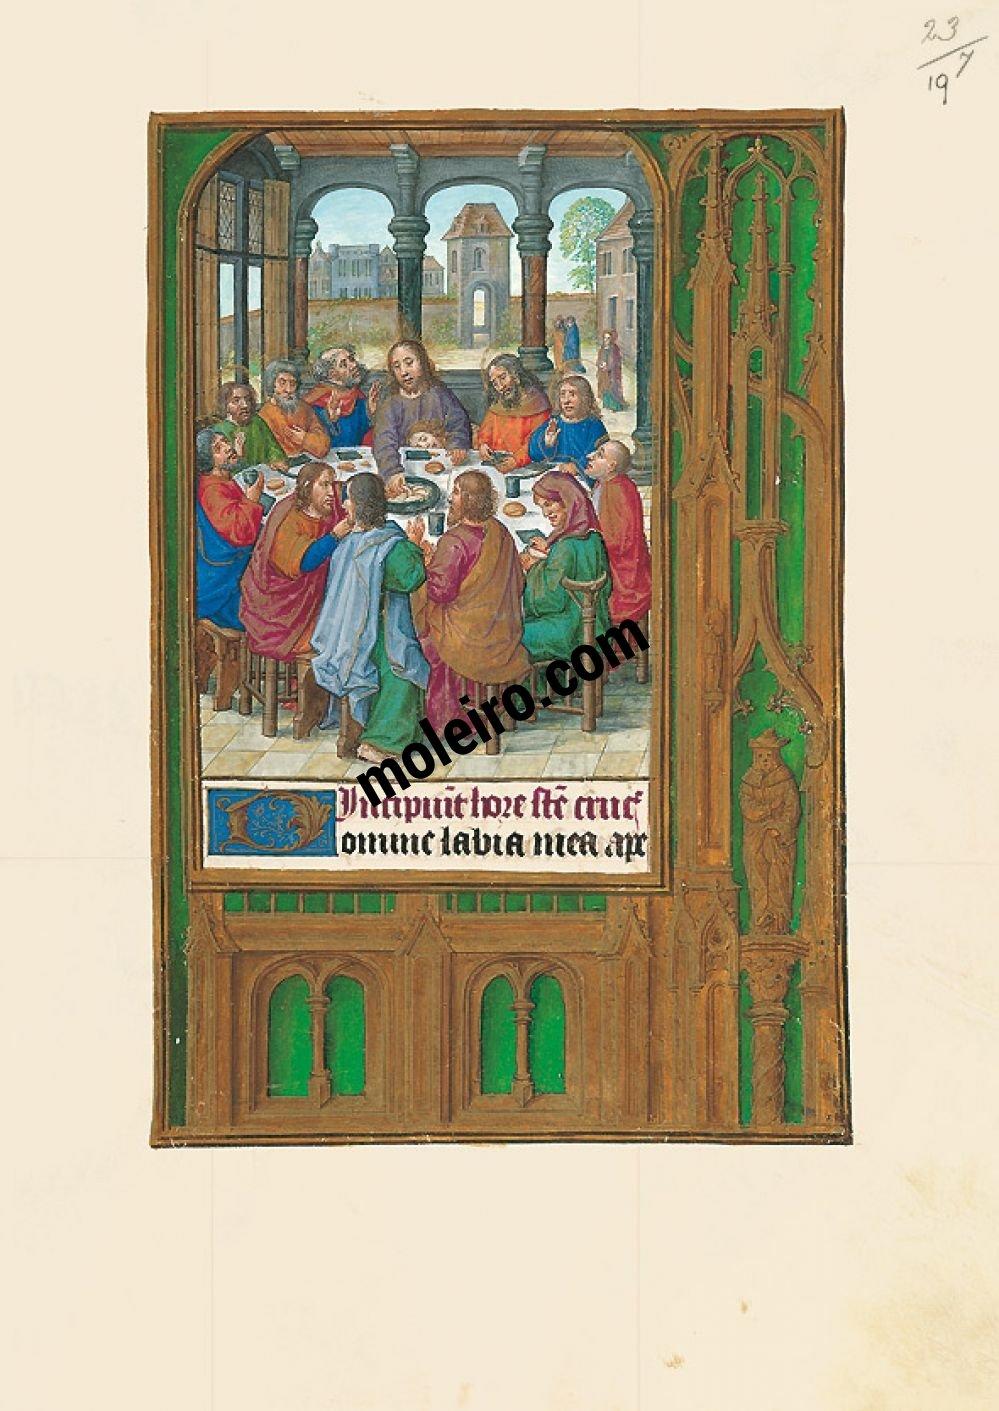 Les Heures de Jeanne Ire de Castille, Jeanne la Folle f. 19r, La Cène